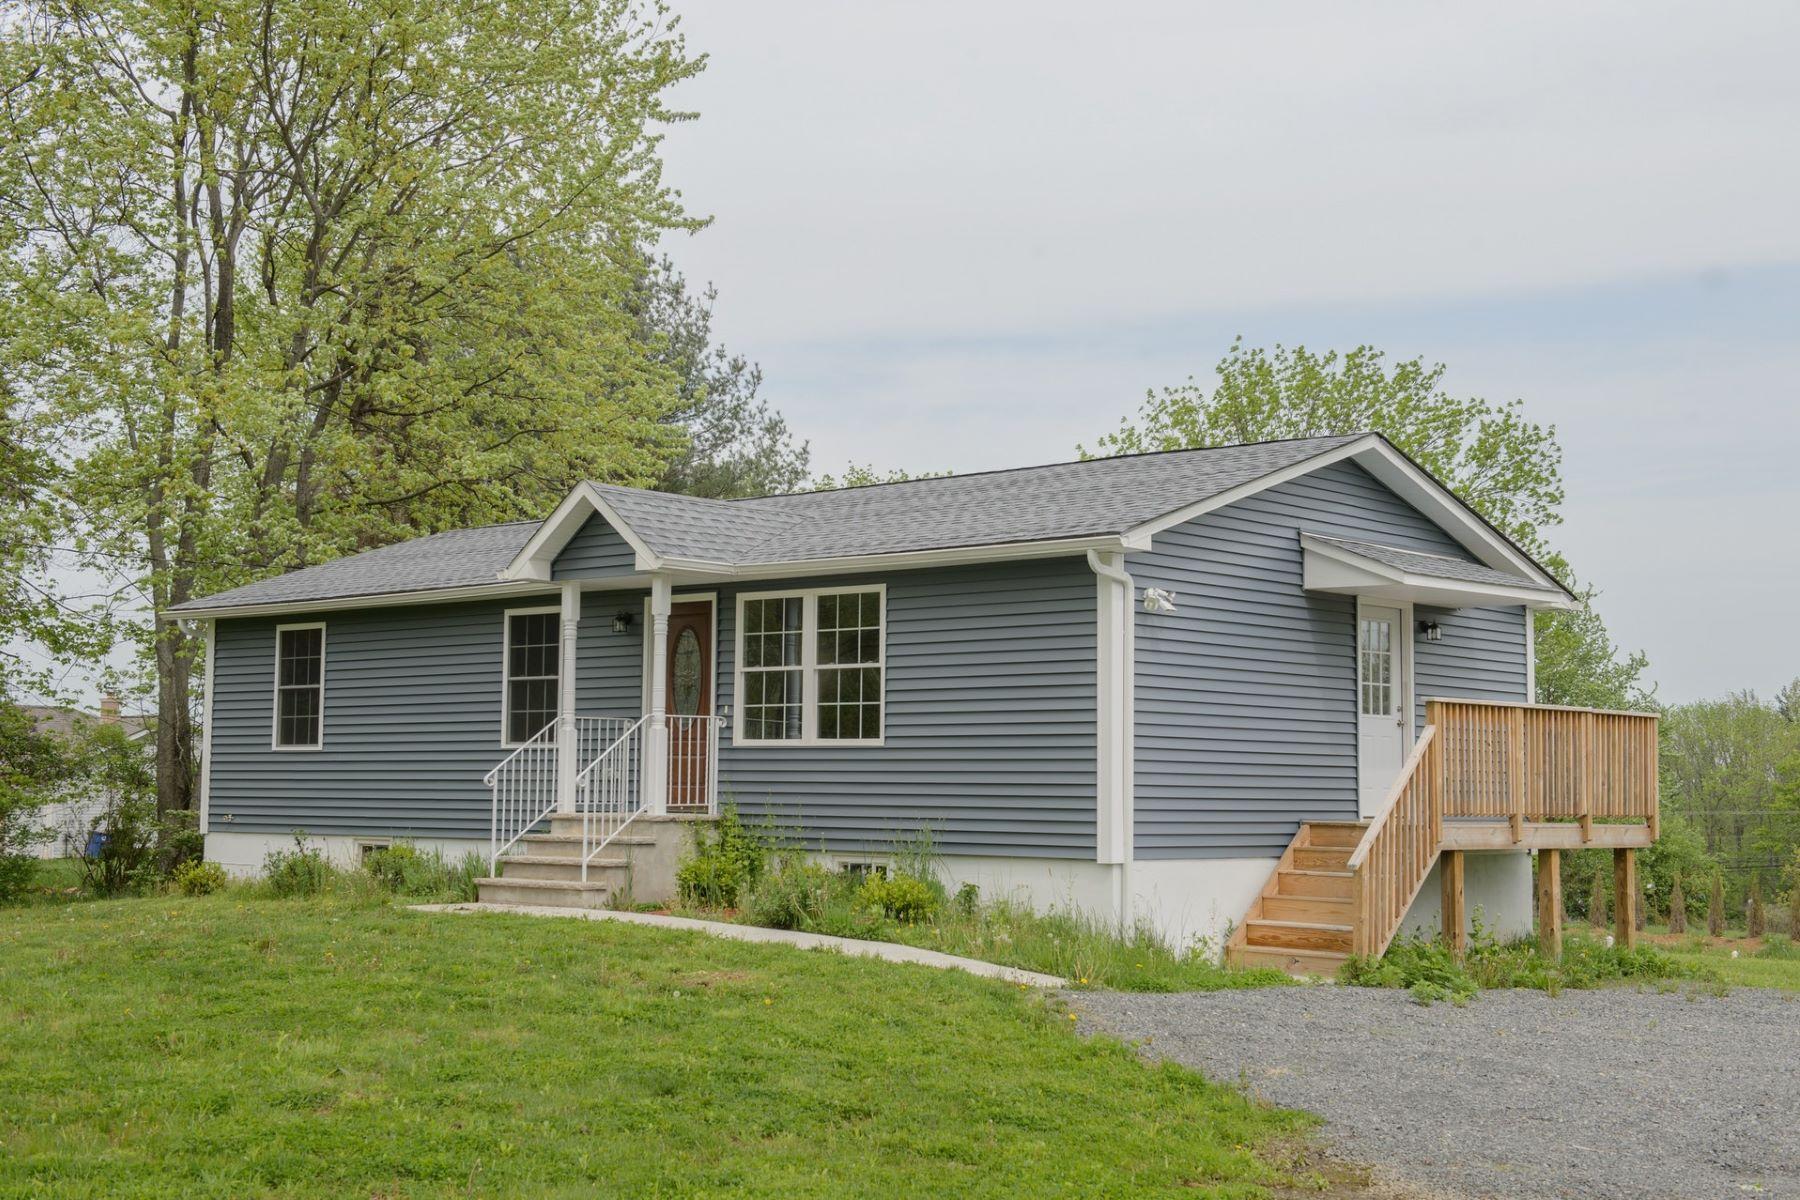 Μονοκατοικία για την Πώληση στο Custom Home 166 Drakestown Road, Hackettstown, Νιου Τζερσεϋ 07840 Ηνωμενεσ Πολιτειεσ